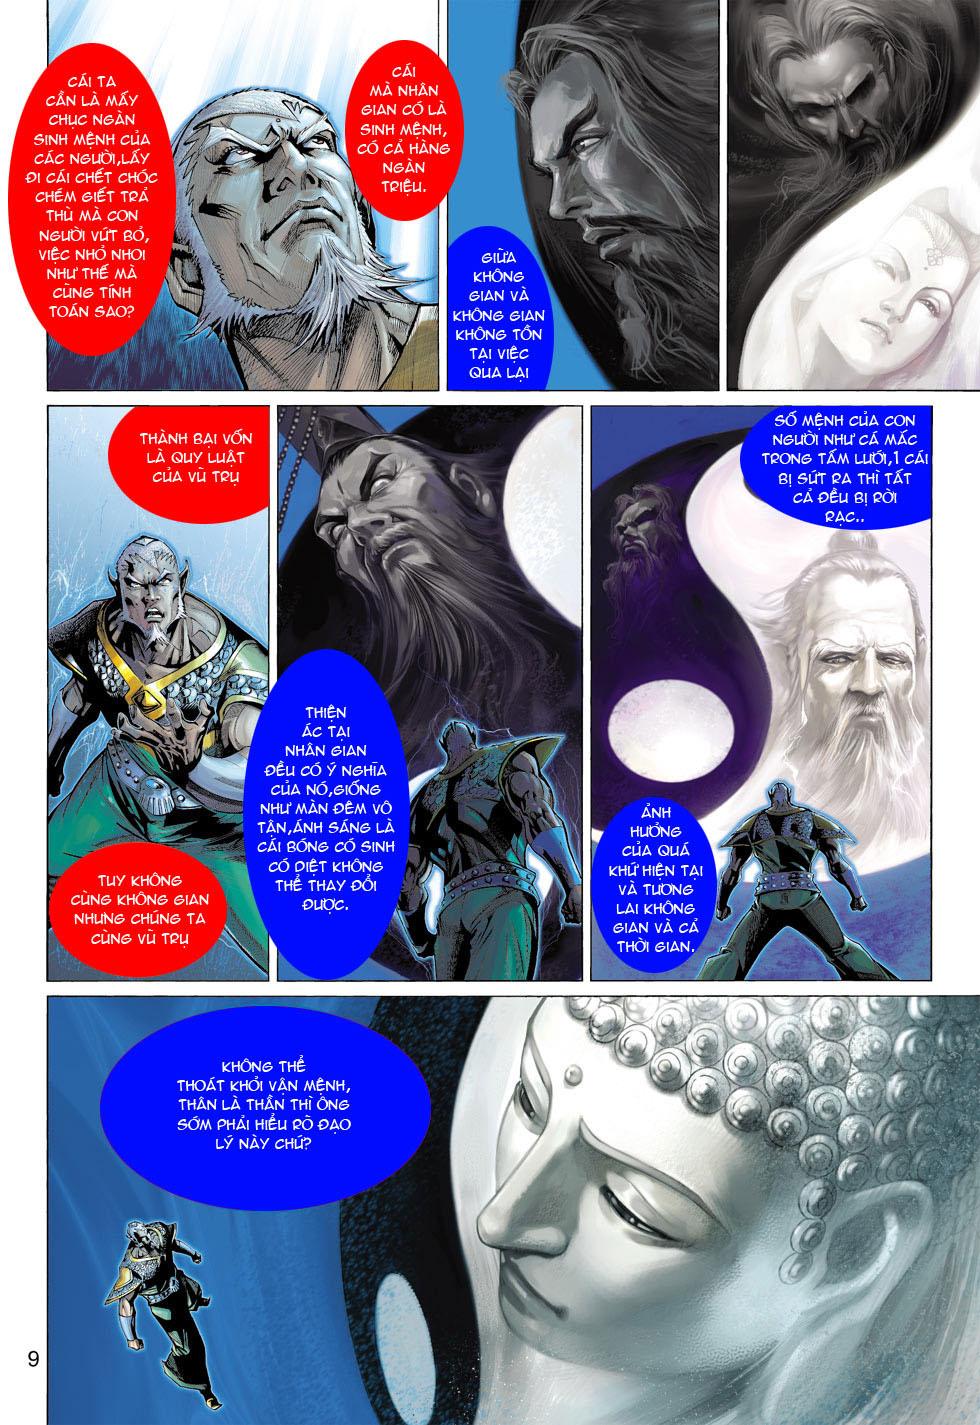 Thần Binh 4 chap 12 - Trang 10